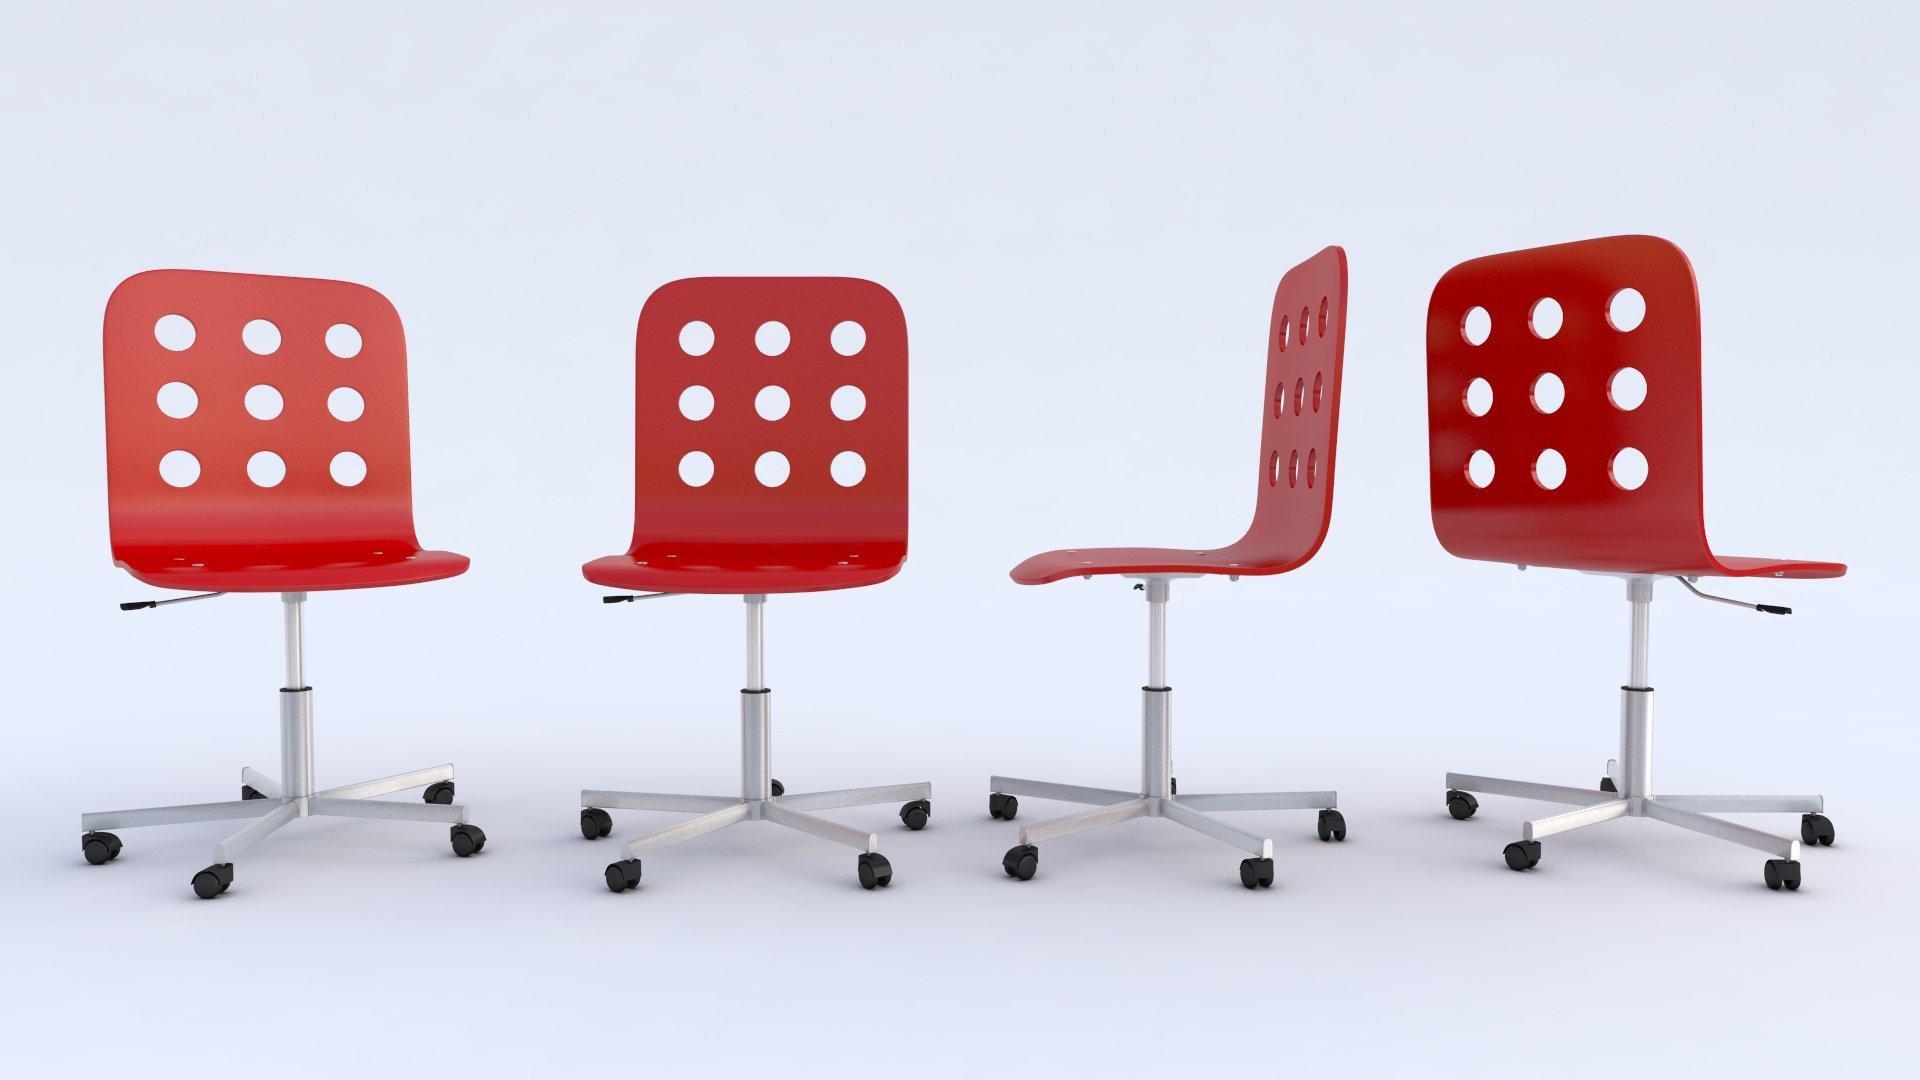 Sedie Rosse Ikea : Sedie istruzioni per l acquisto cose di casa